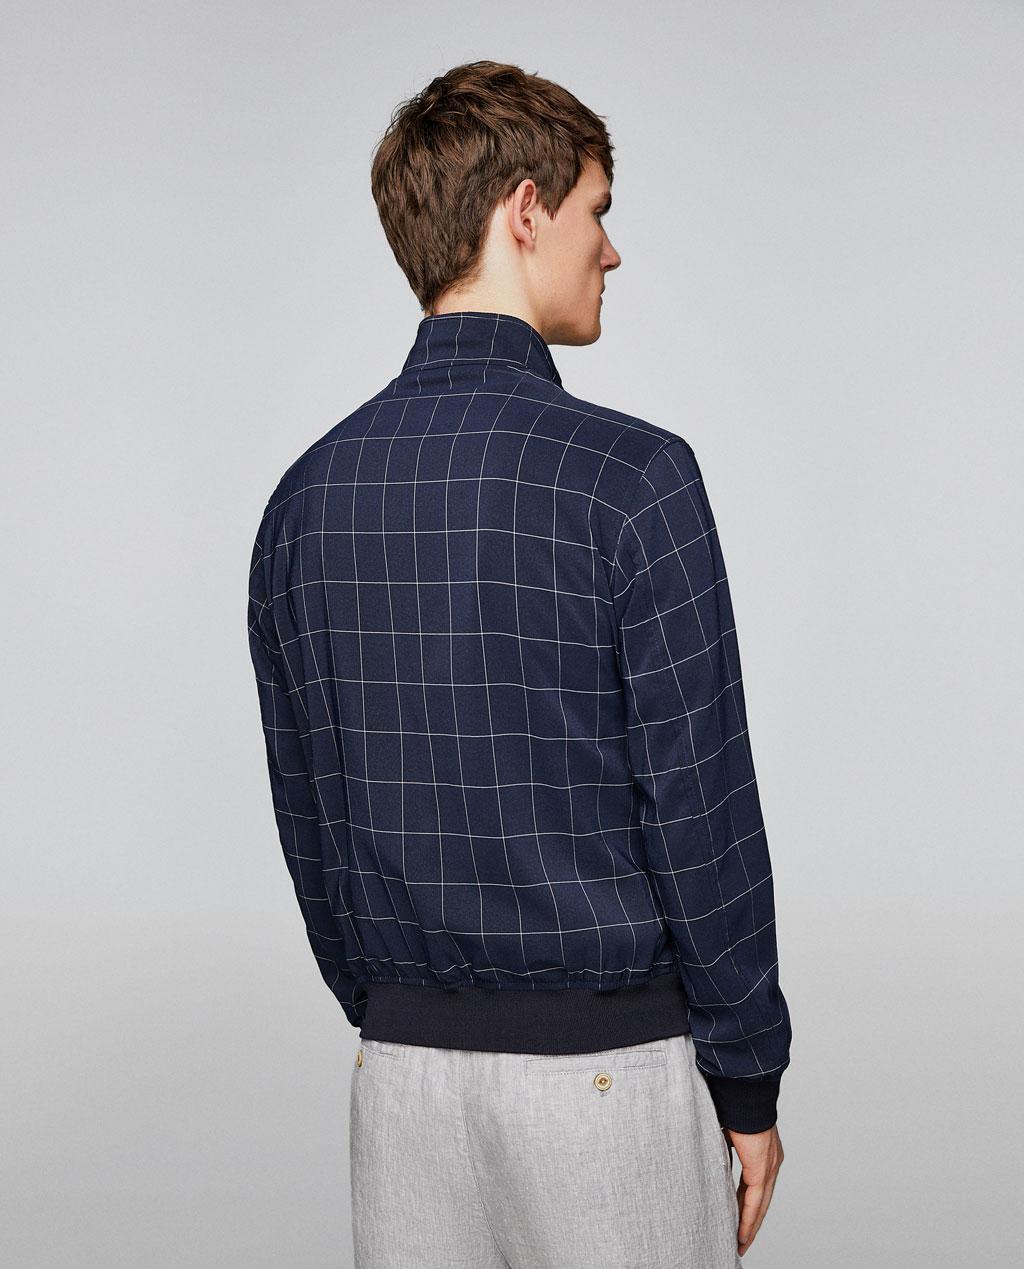 Thời trang nam Zara  23949 - ảnh 5